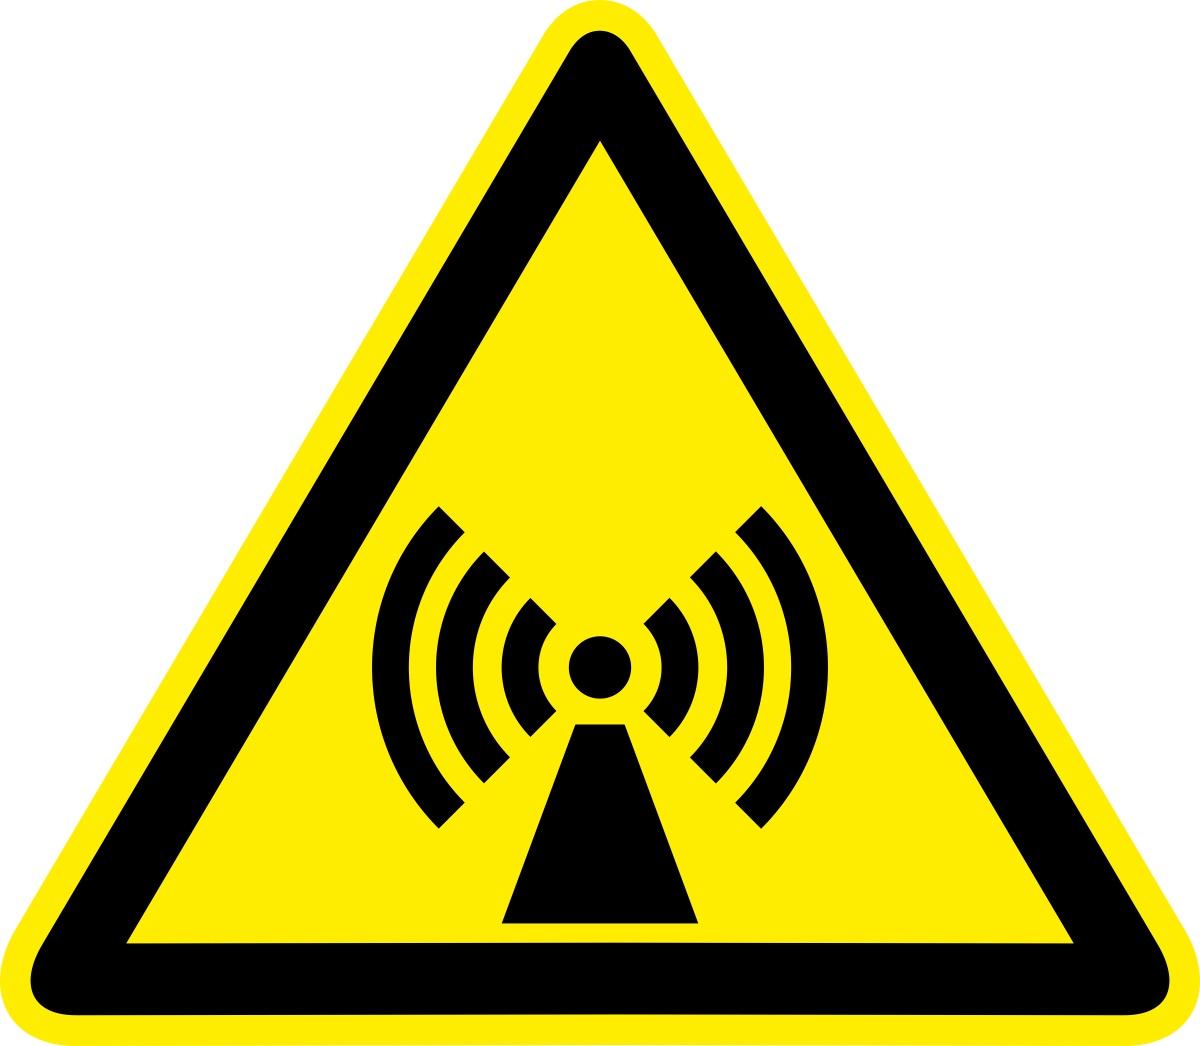 Наклейка ОранжевыйСлоник Внимание. Электромагнитное поле, INW04RGB, ВинилINW04RGBНаклейки информационные предназначены для предупреждения людей о непосредственной или возможной опасности, запрещения, предписания или разрешения определенных действий.